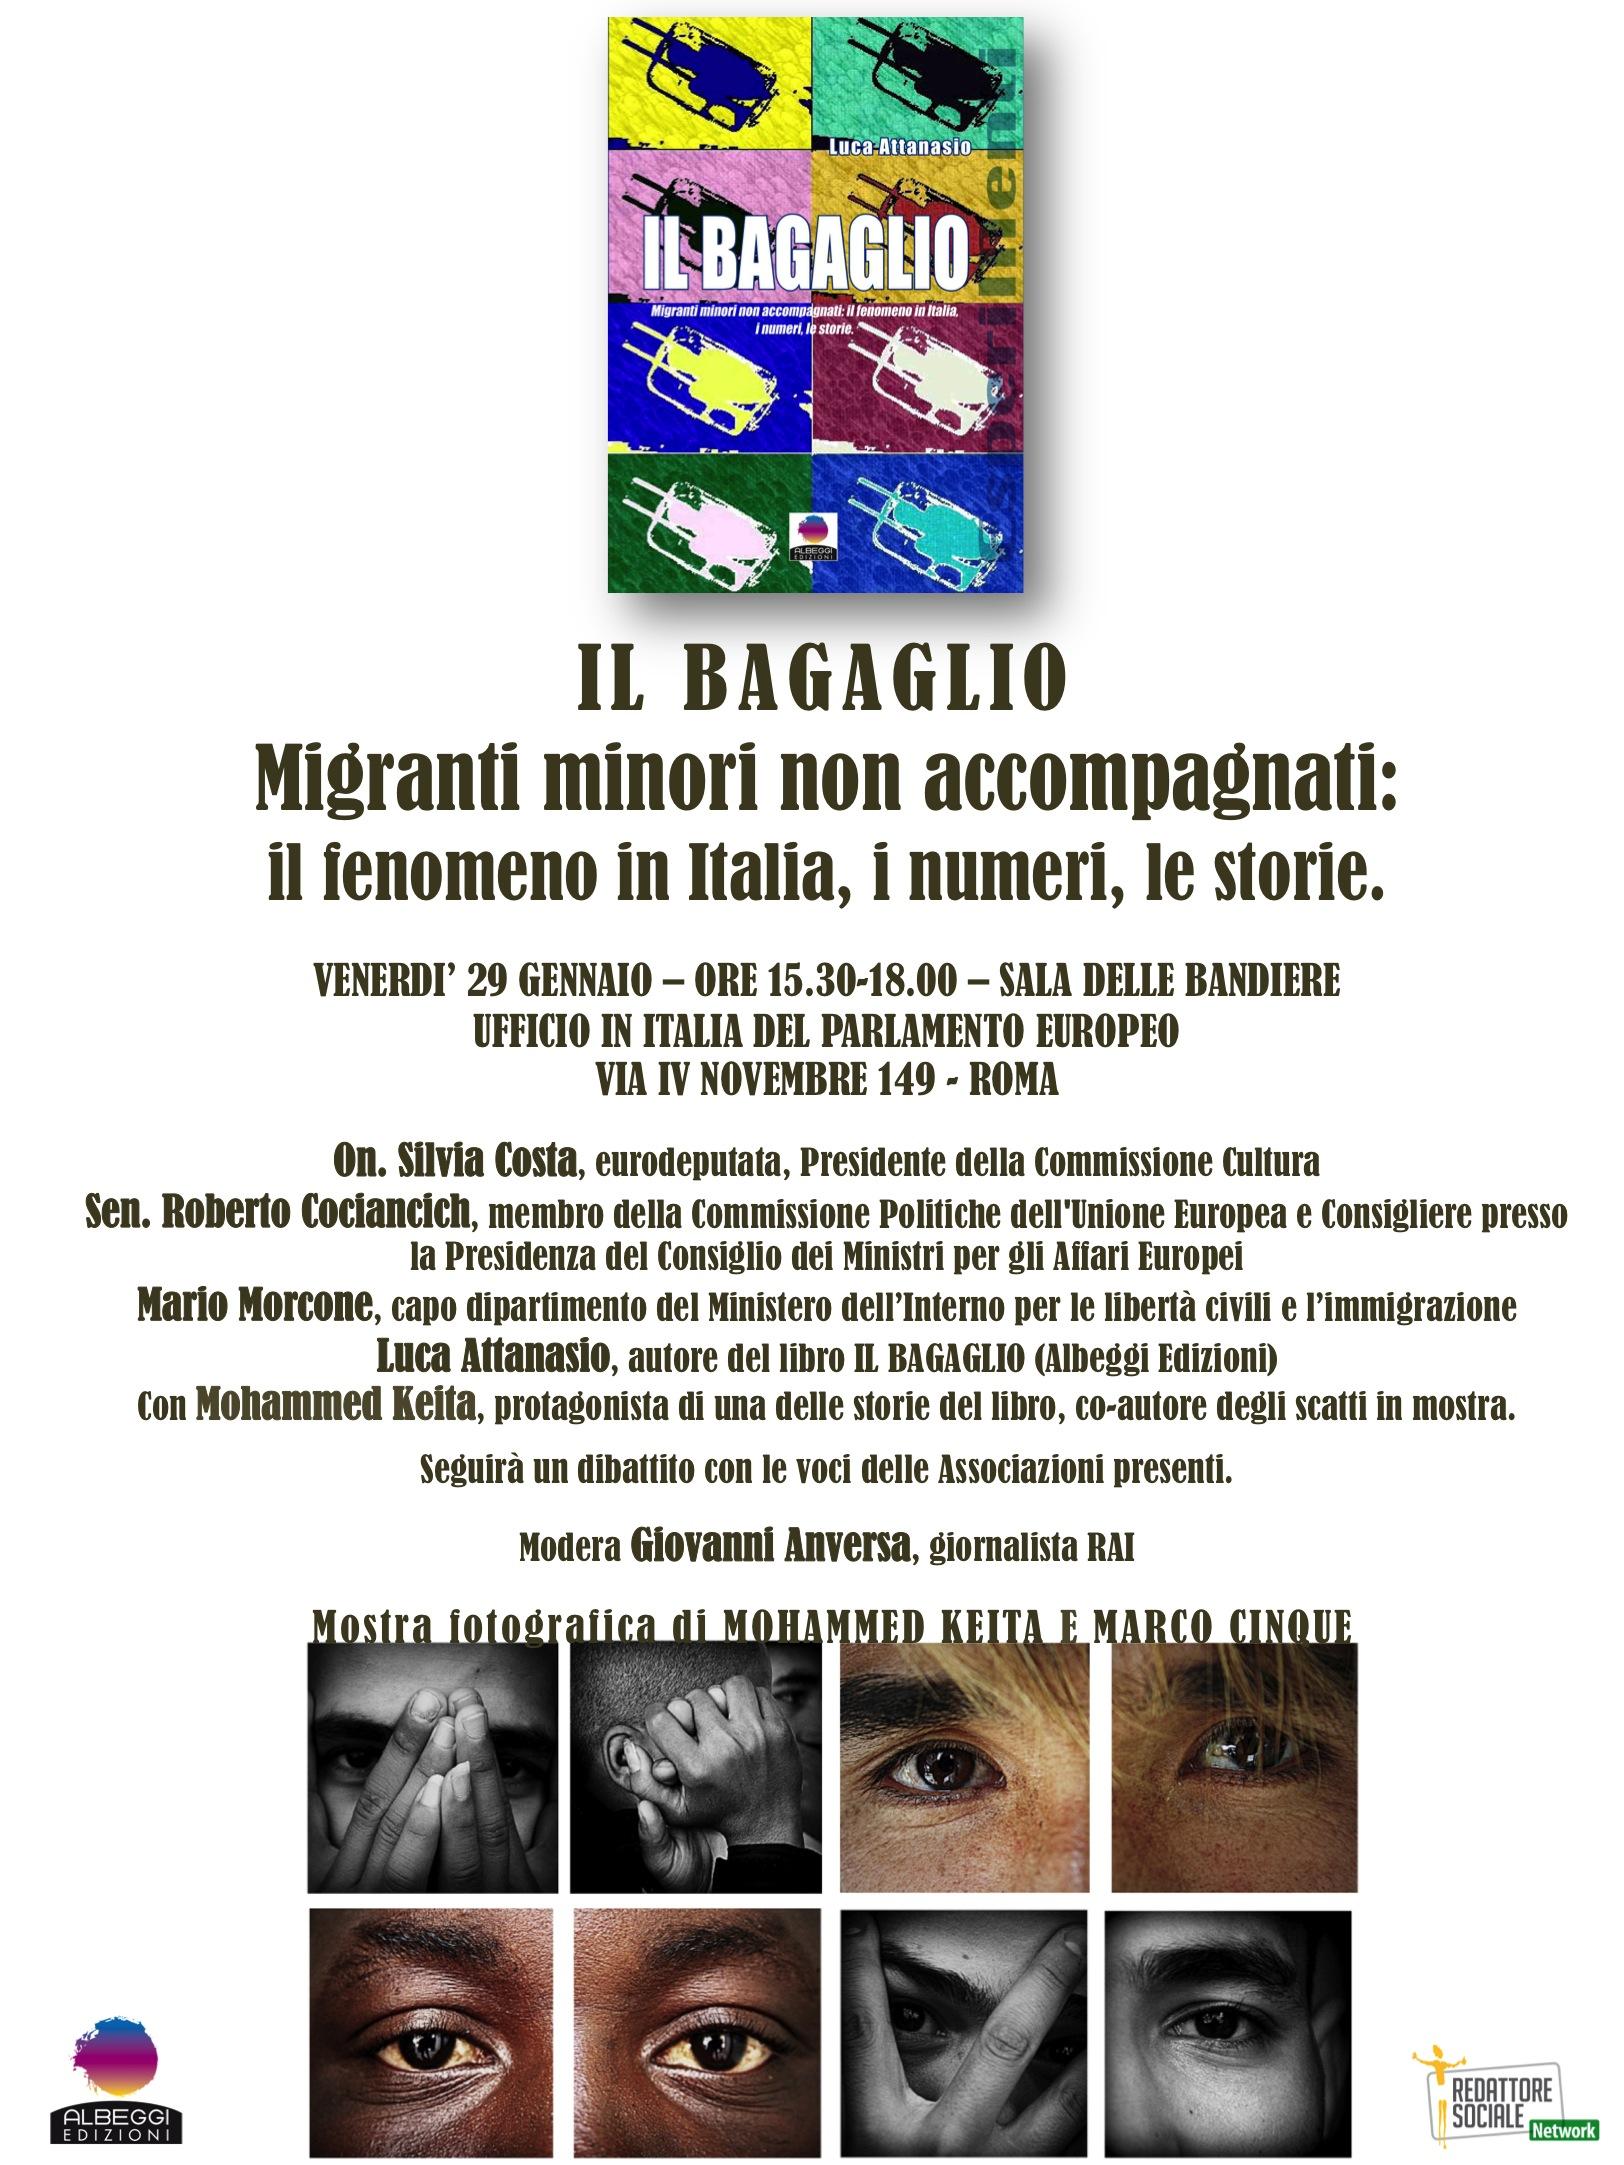 migranti minori non accompagnati